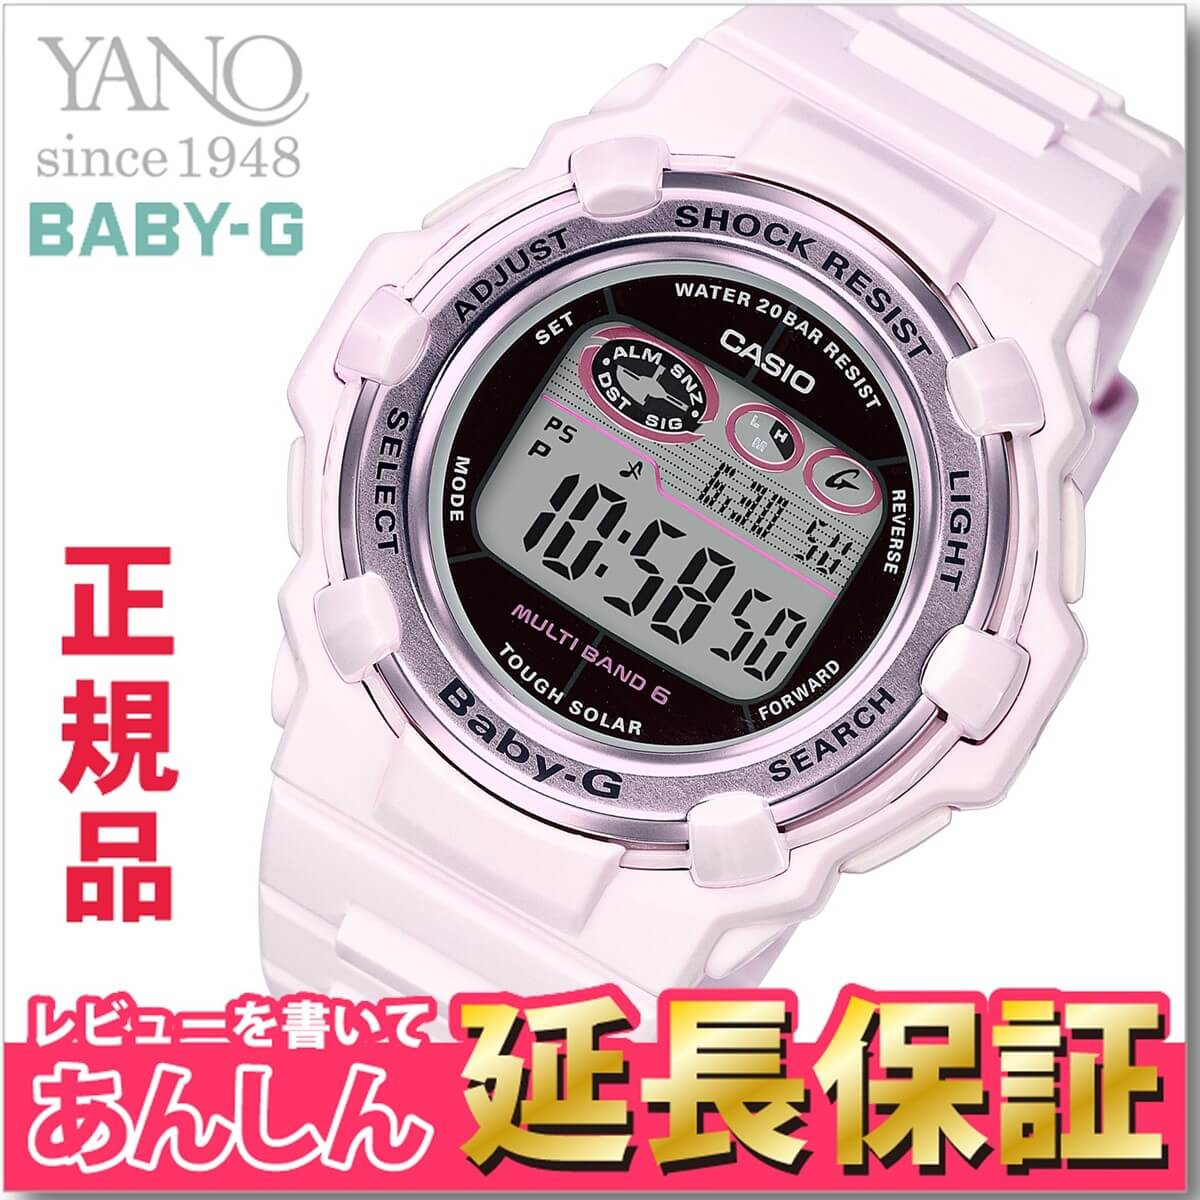 カシオ ベビーG BGR-3003-4JF 電波 ソーラー 電波時計 レディース 腕時計 デジアナ CASIO BABY-G 【正規品】【0917】